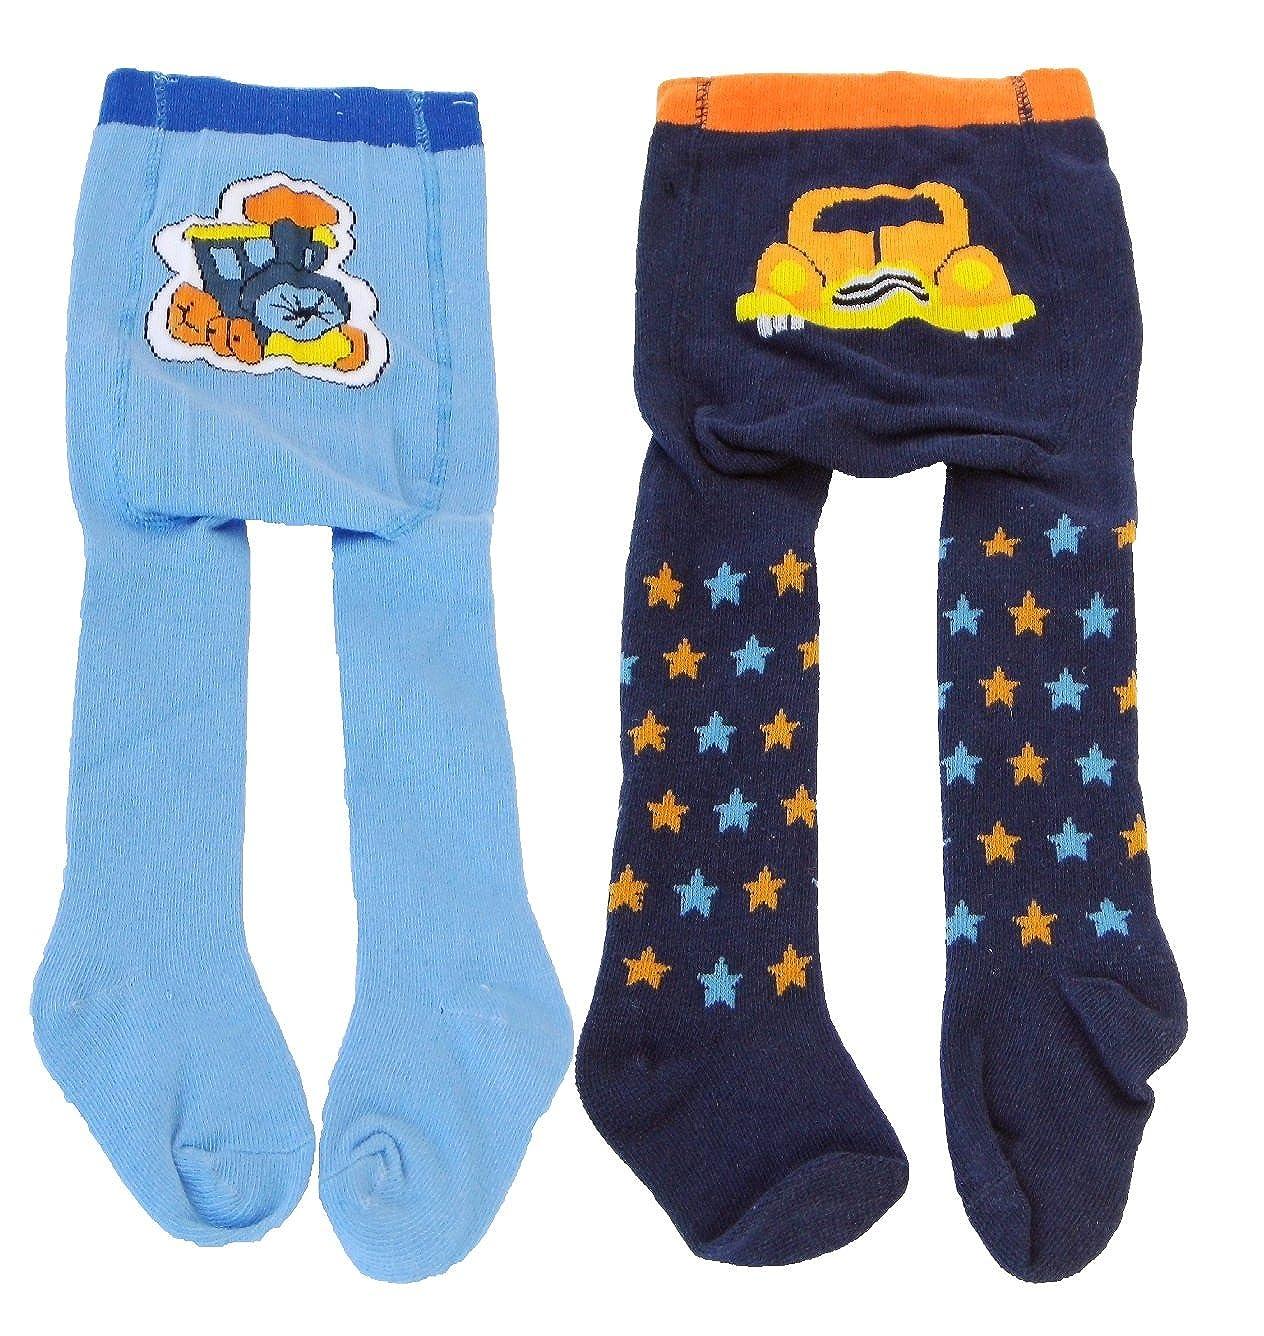 M4 Baby Jungen Strumpfhose Strickstrumpfhose 2er Pack